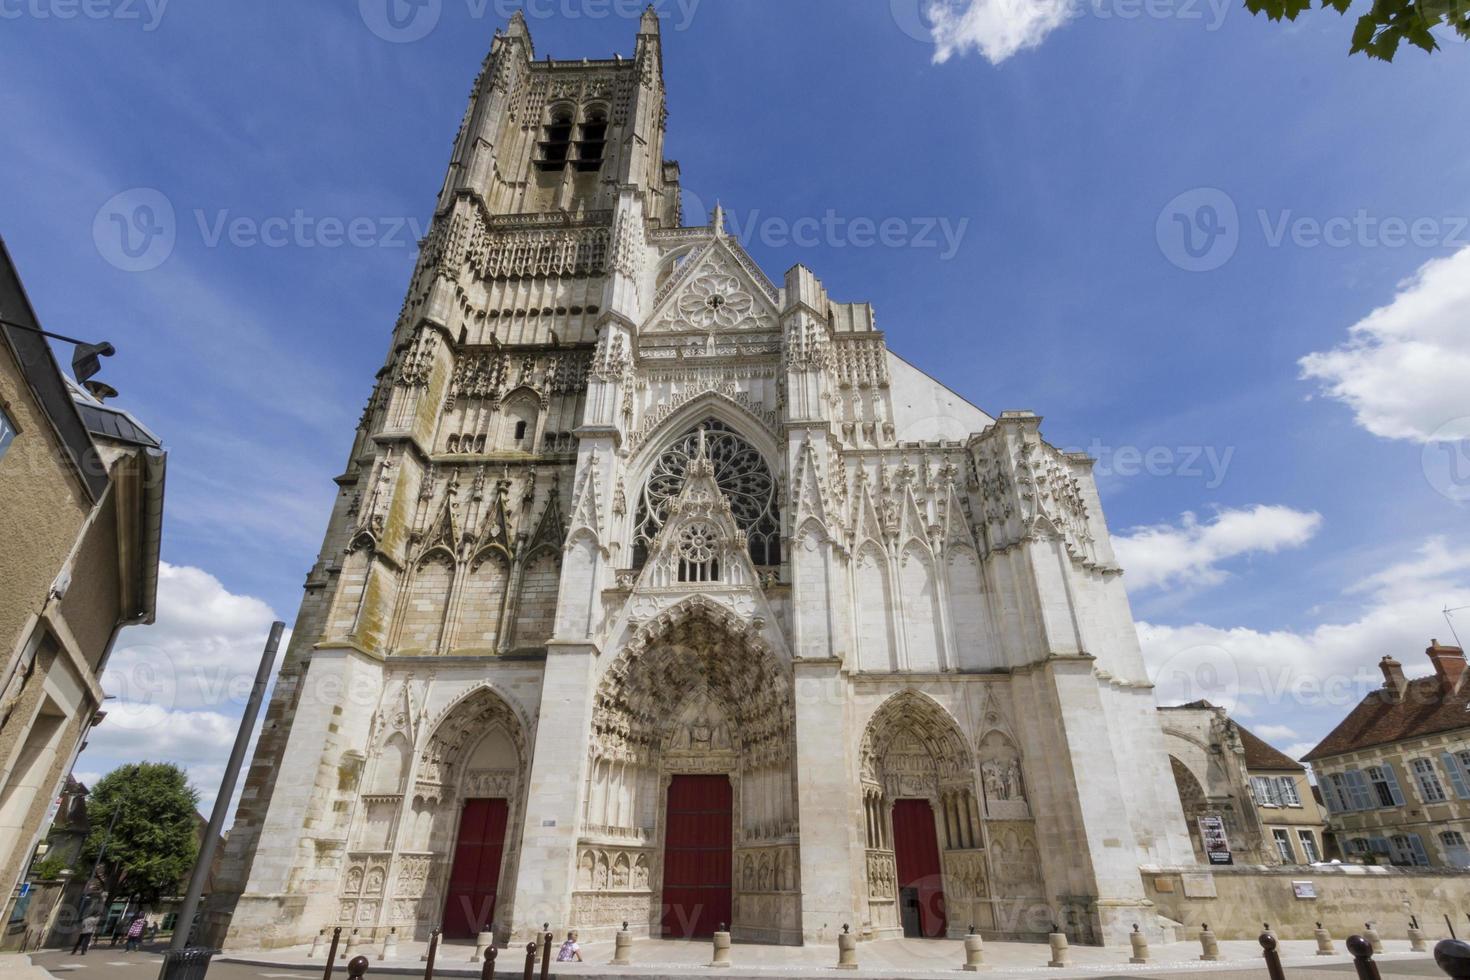 Kathedrale von st. etienne, auxerre, frankreich. foto